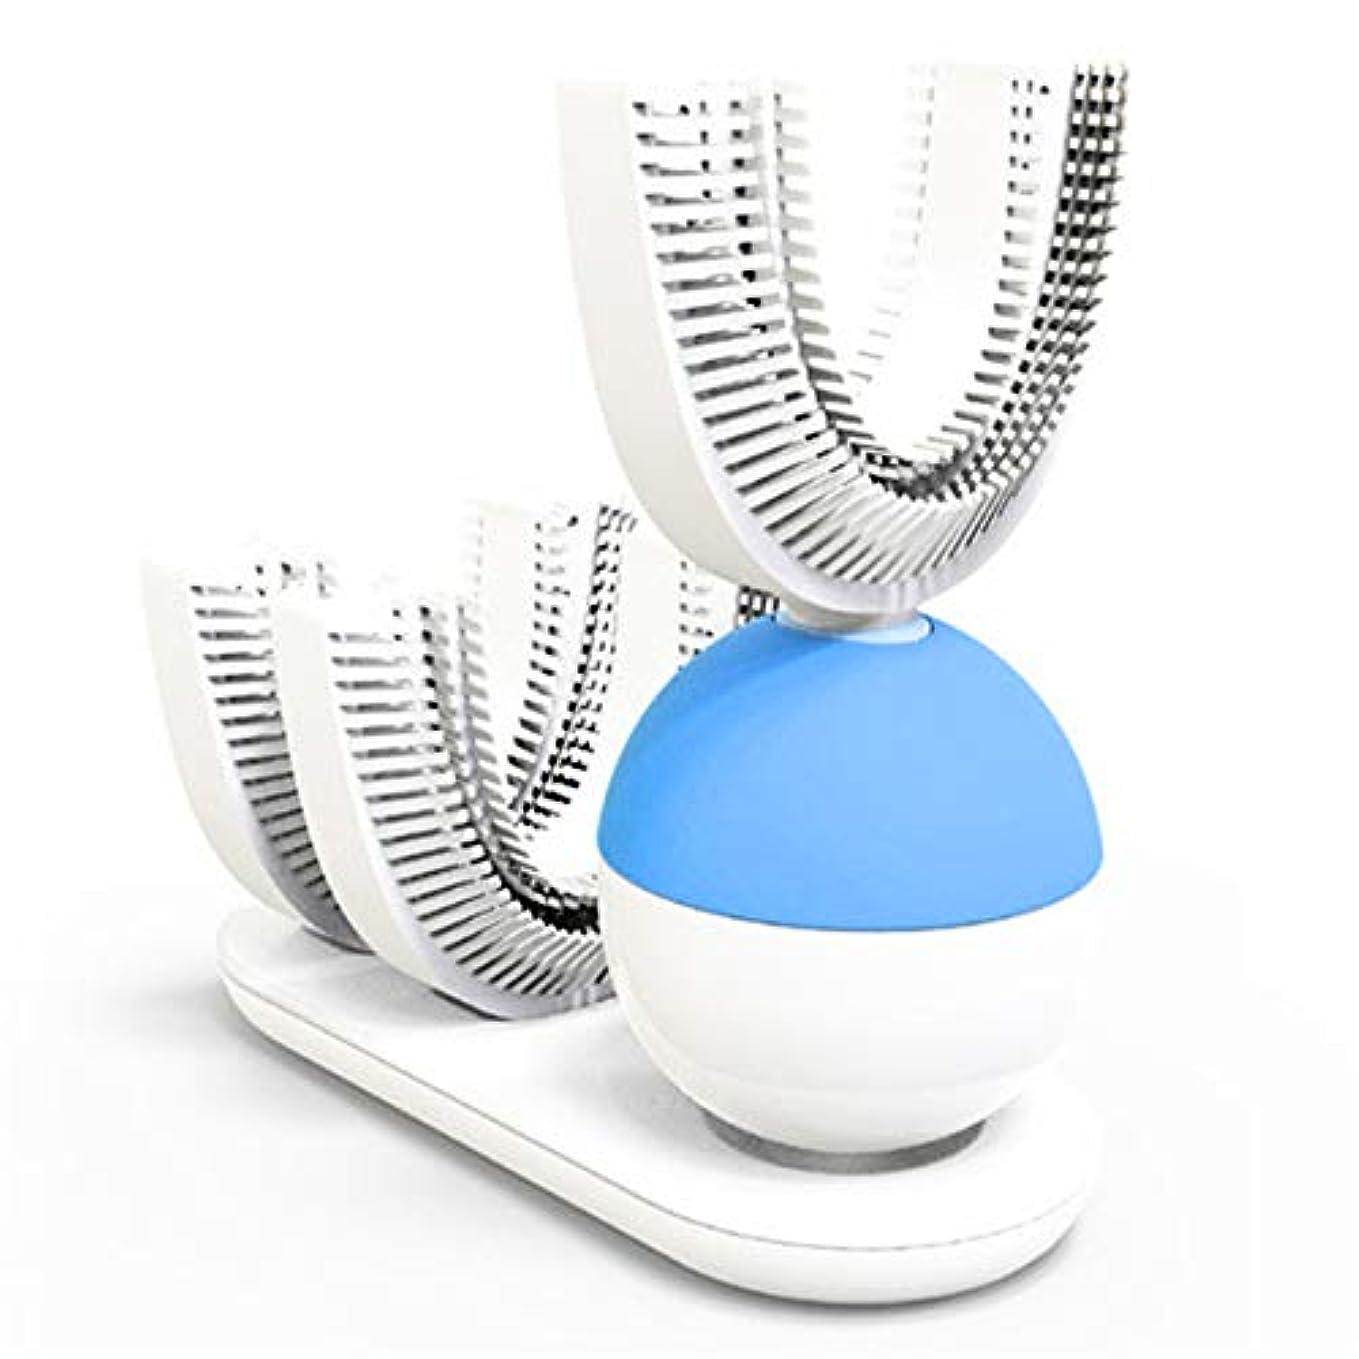 オート電圧パパ電動歯ブラシ 自動歯ブラシ U型 360°全方位 超音波 怠け者歯ブラシ ワイヤレス充電 歯ブラシヘッド付き